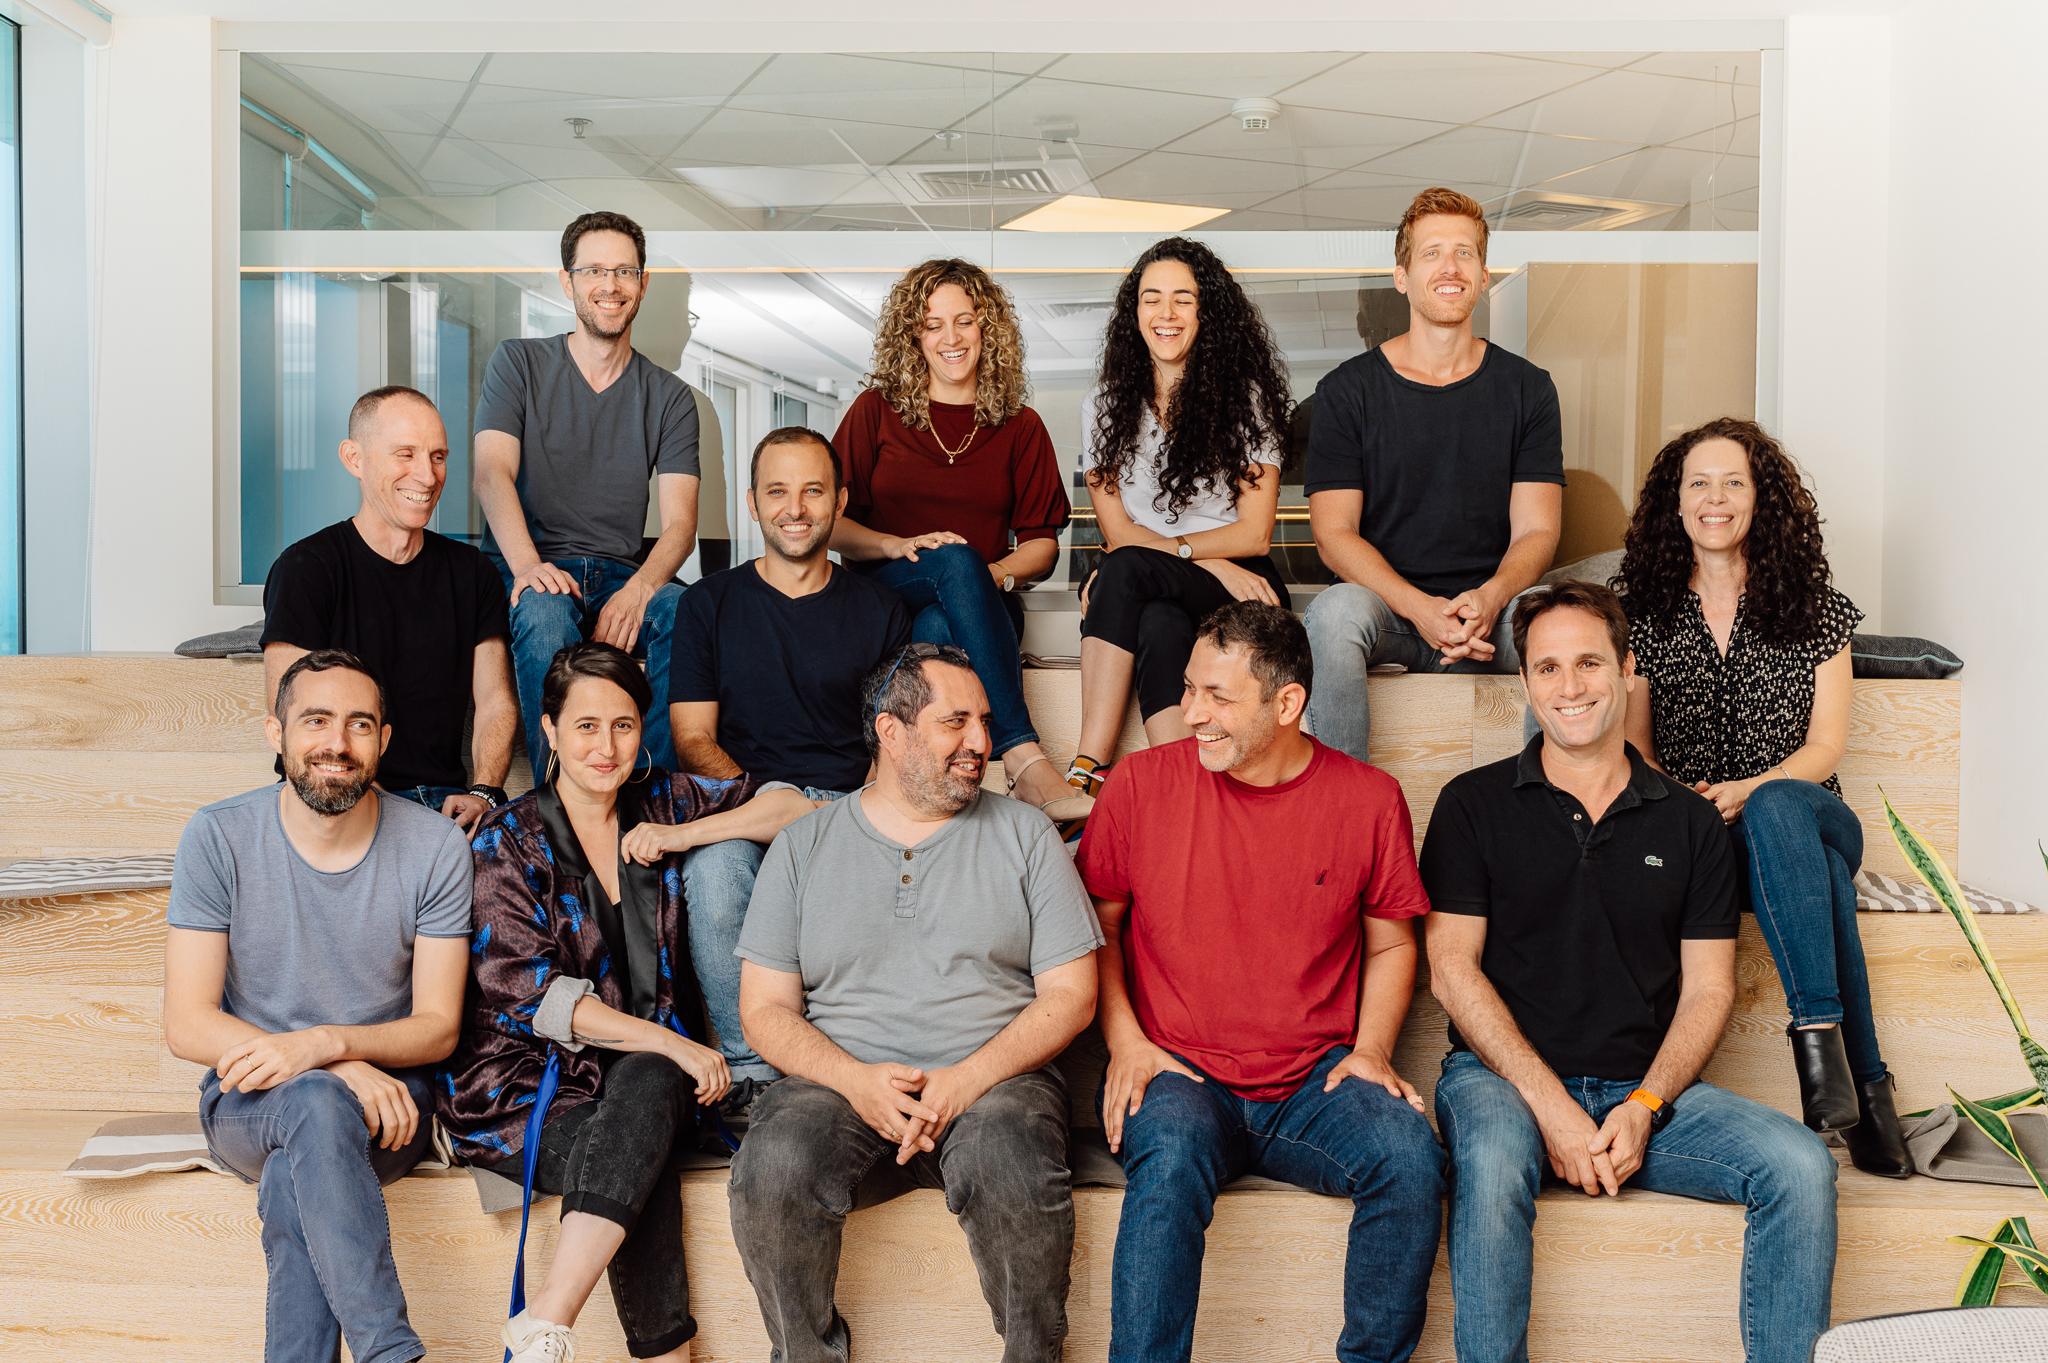 monday.com management. Photo: Nethaniel Tobias